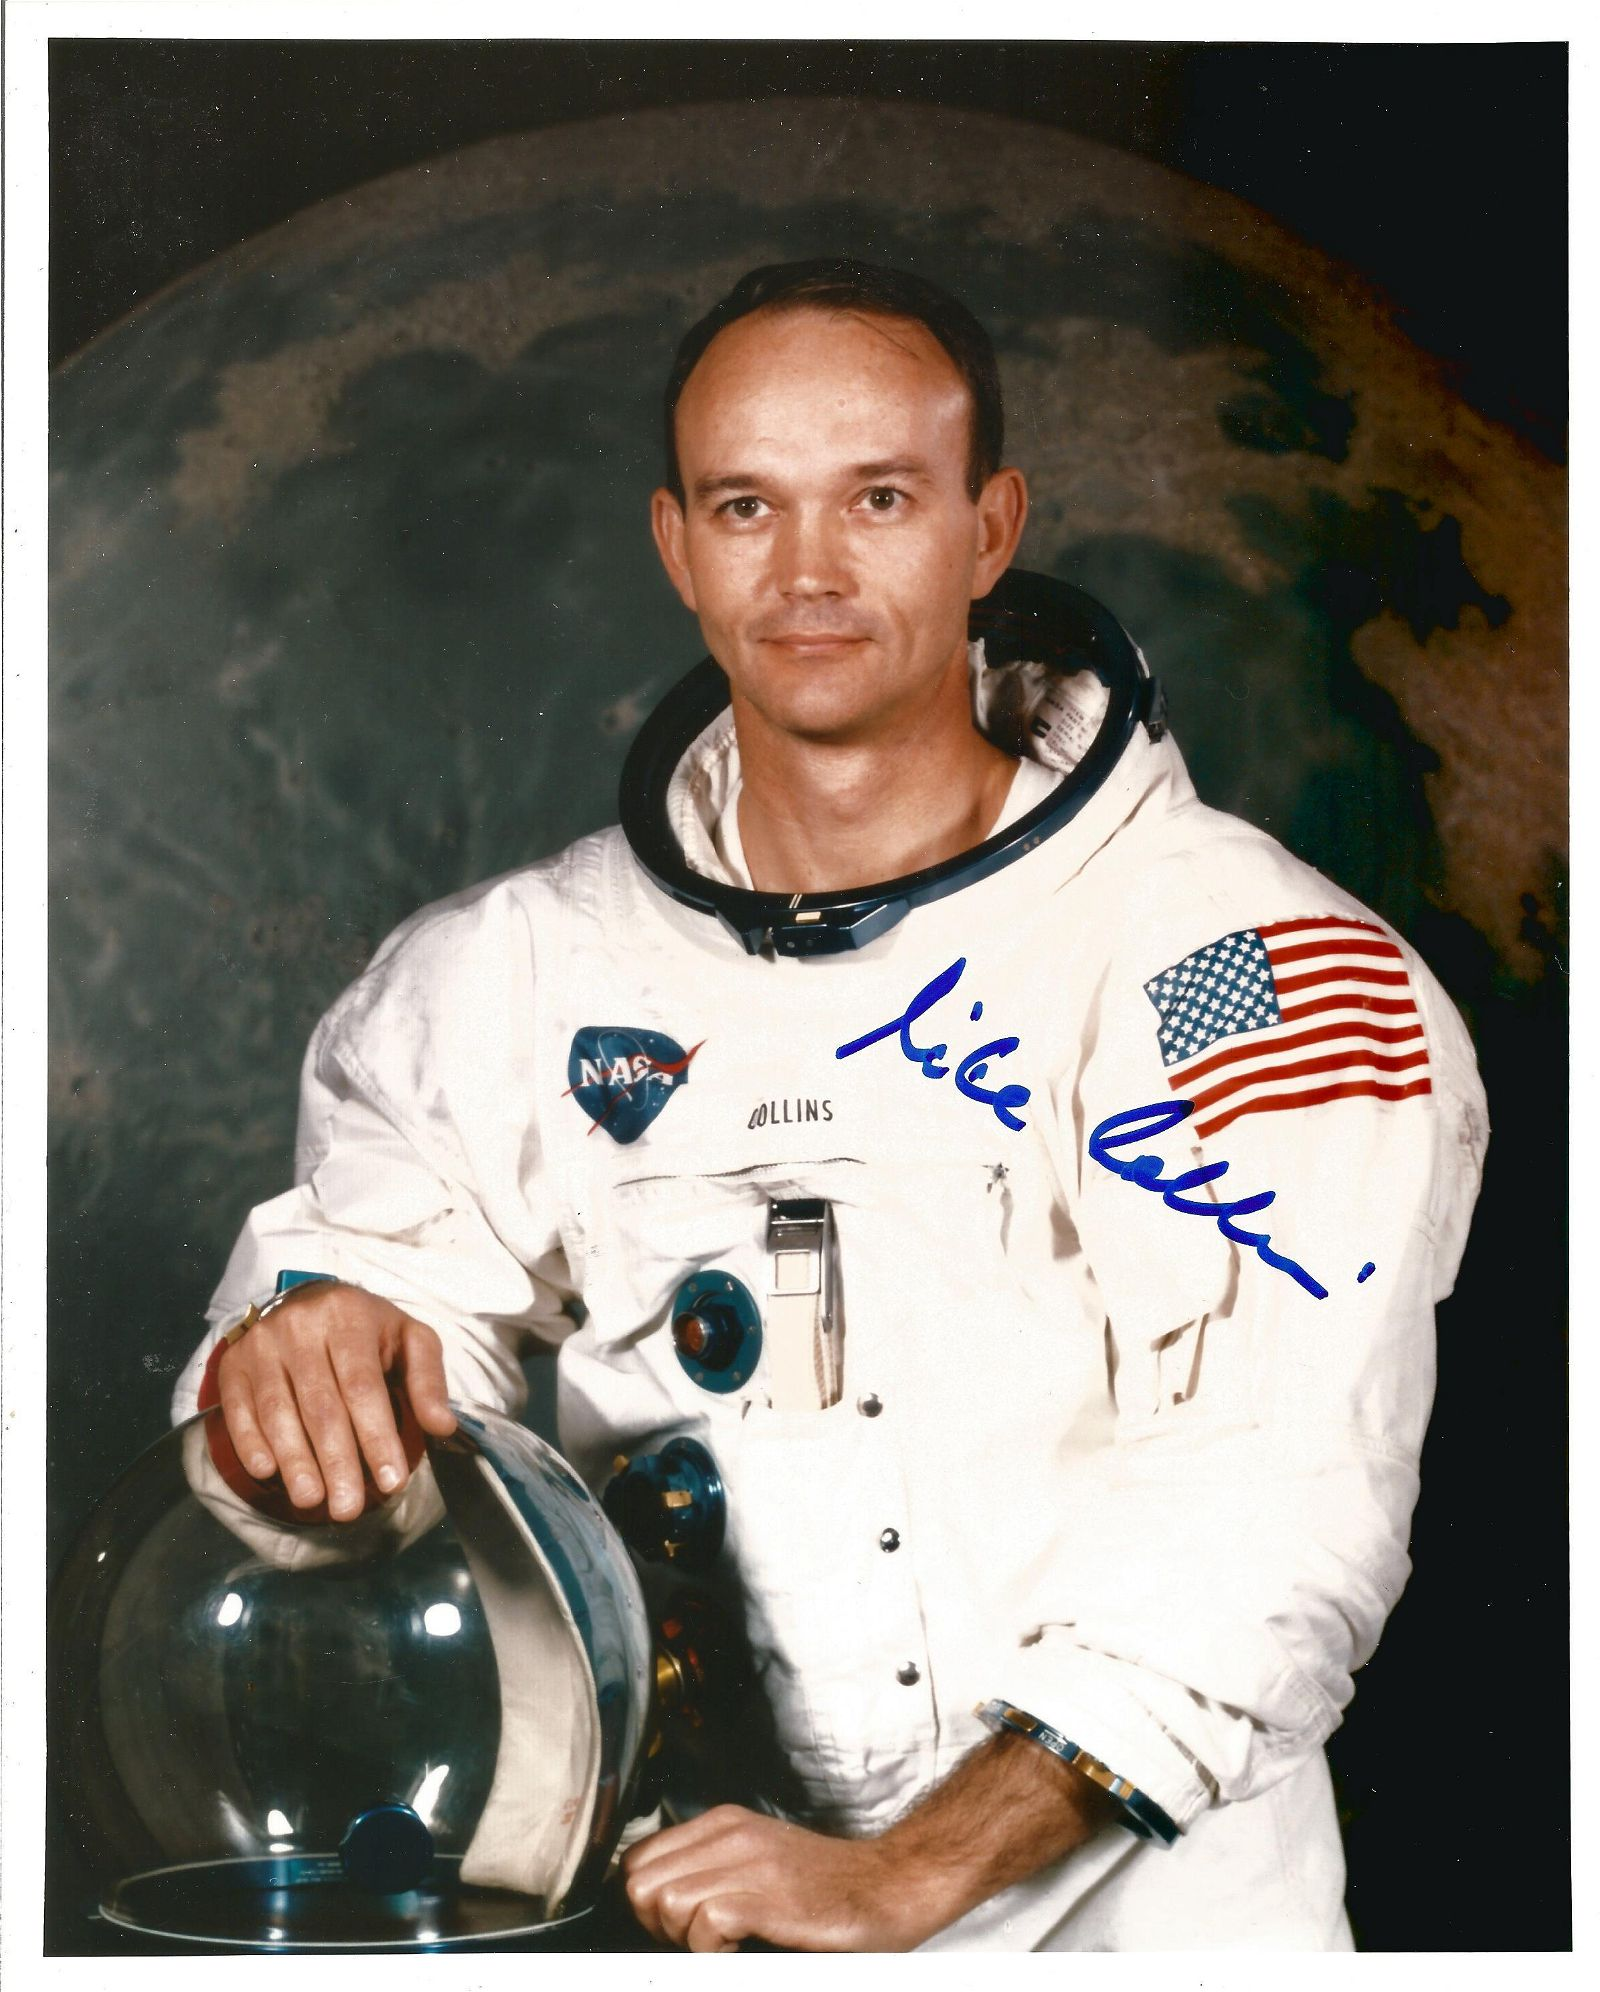 Apollo 11 Astronaut Michael Collins signed rare 10 x 8